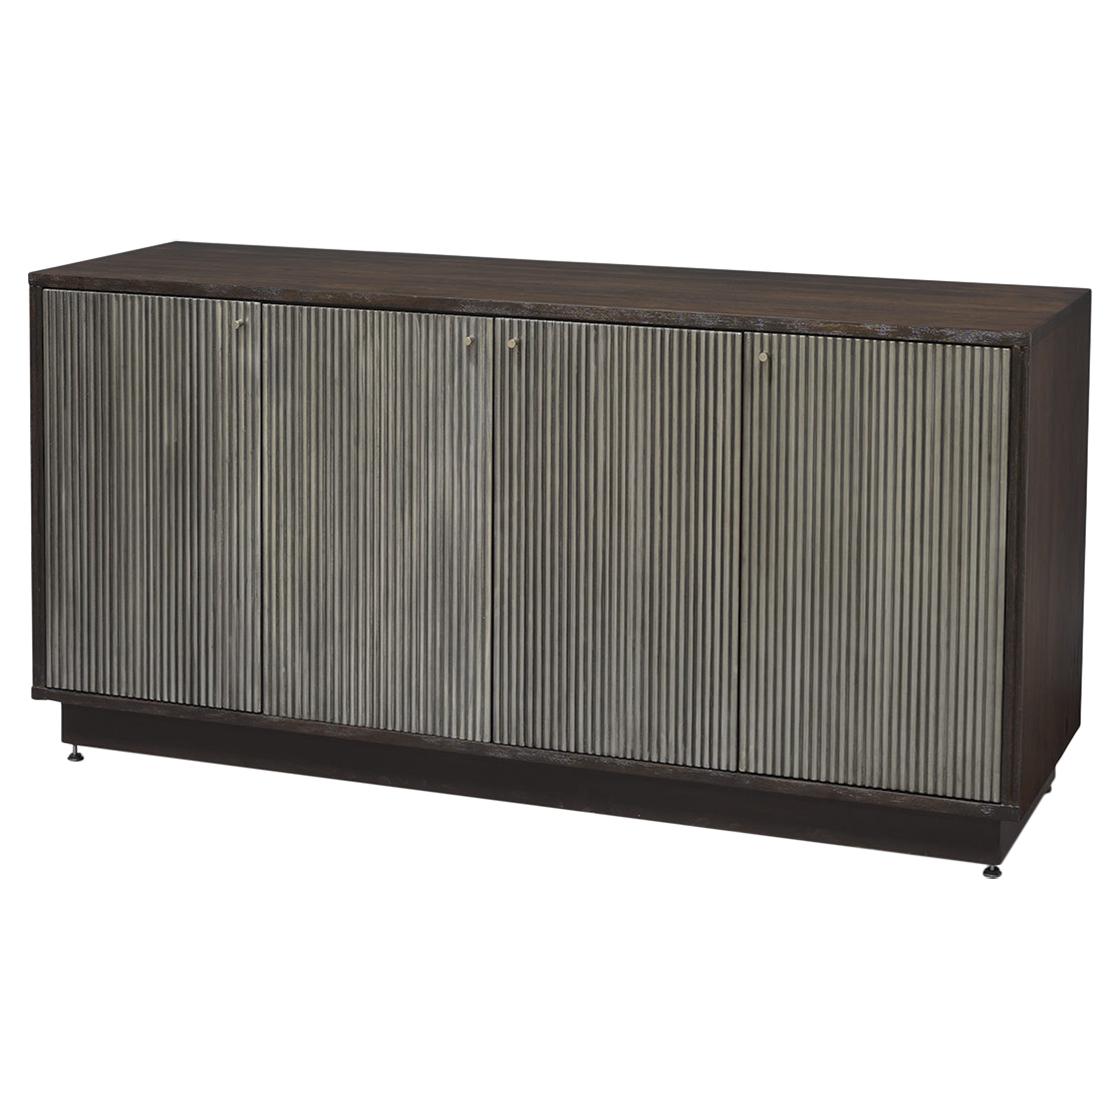 Evy Regency Ridged Metallic Silver Walnut Sideboard